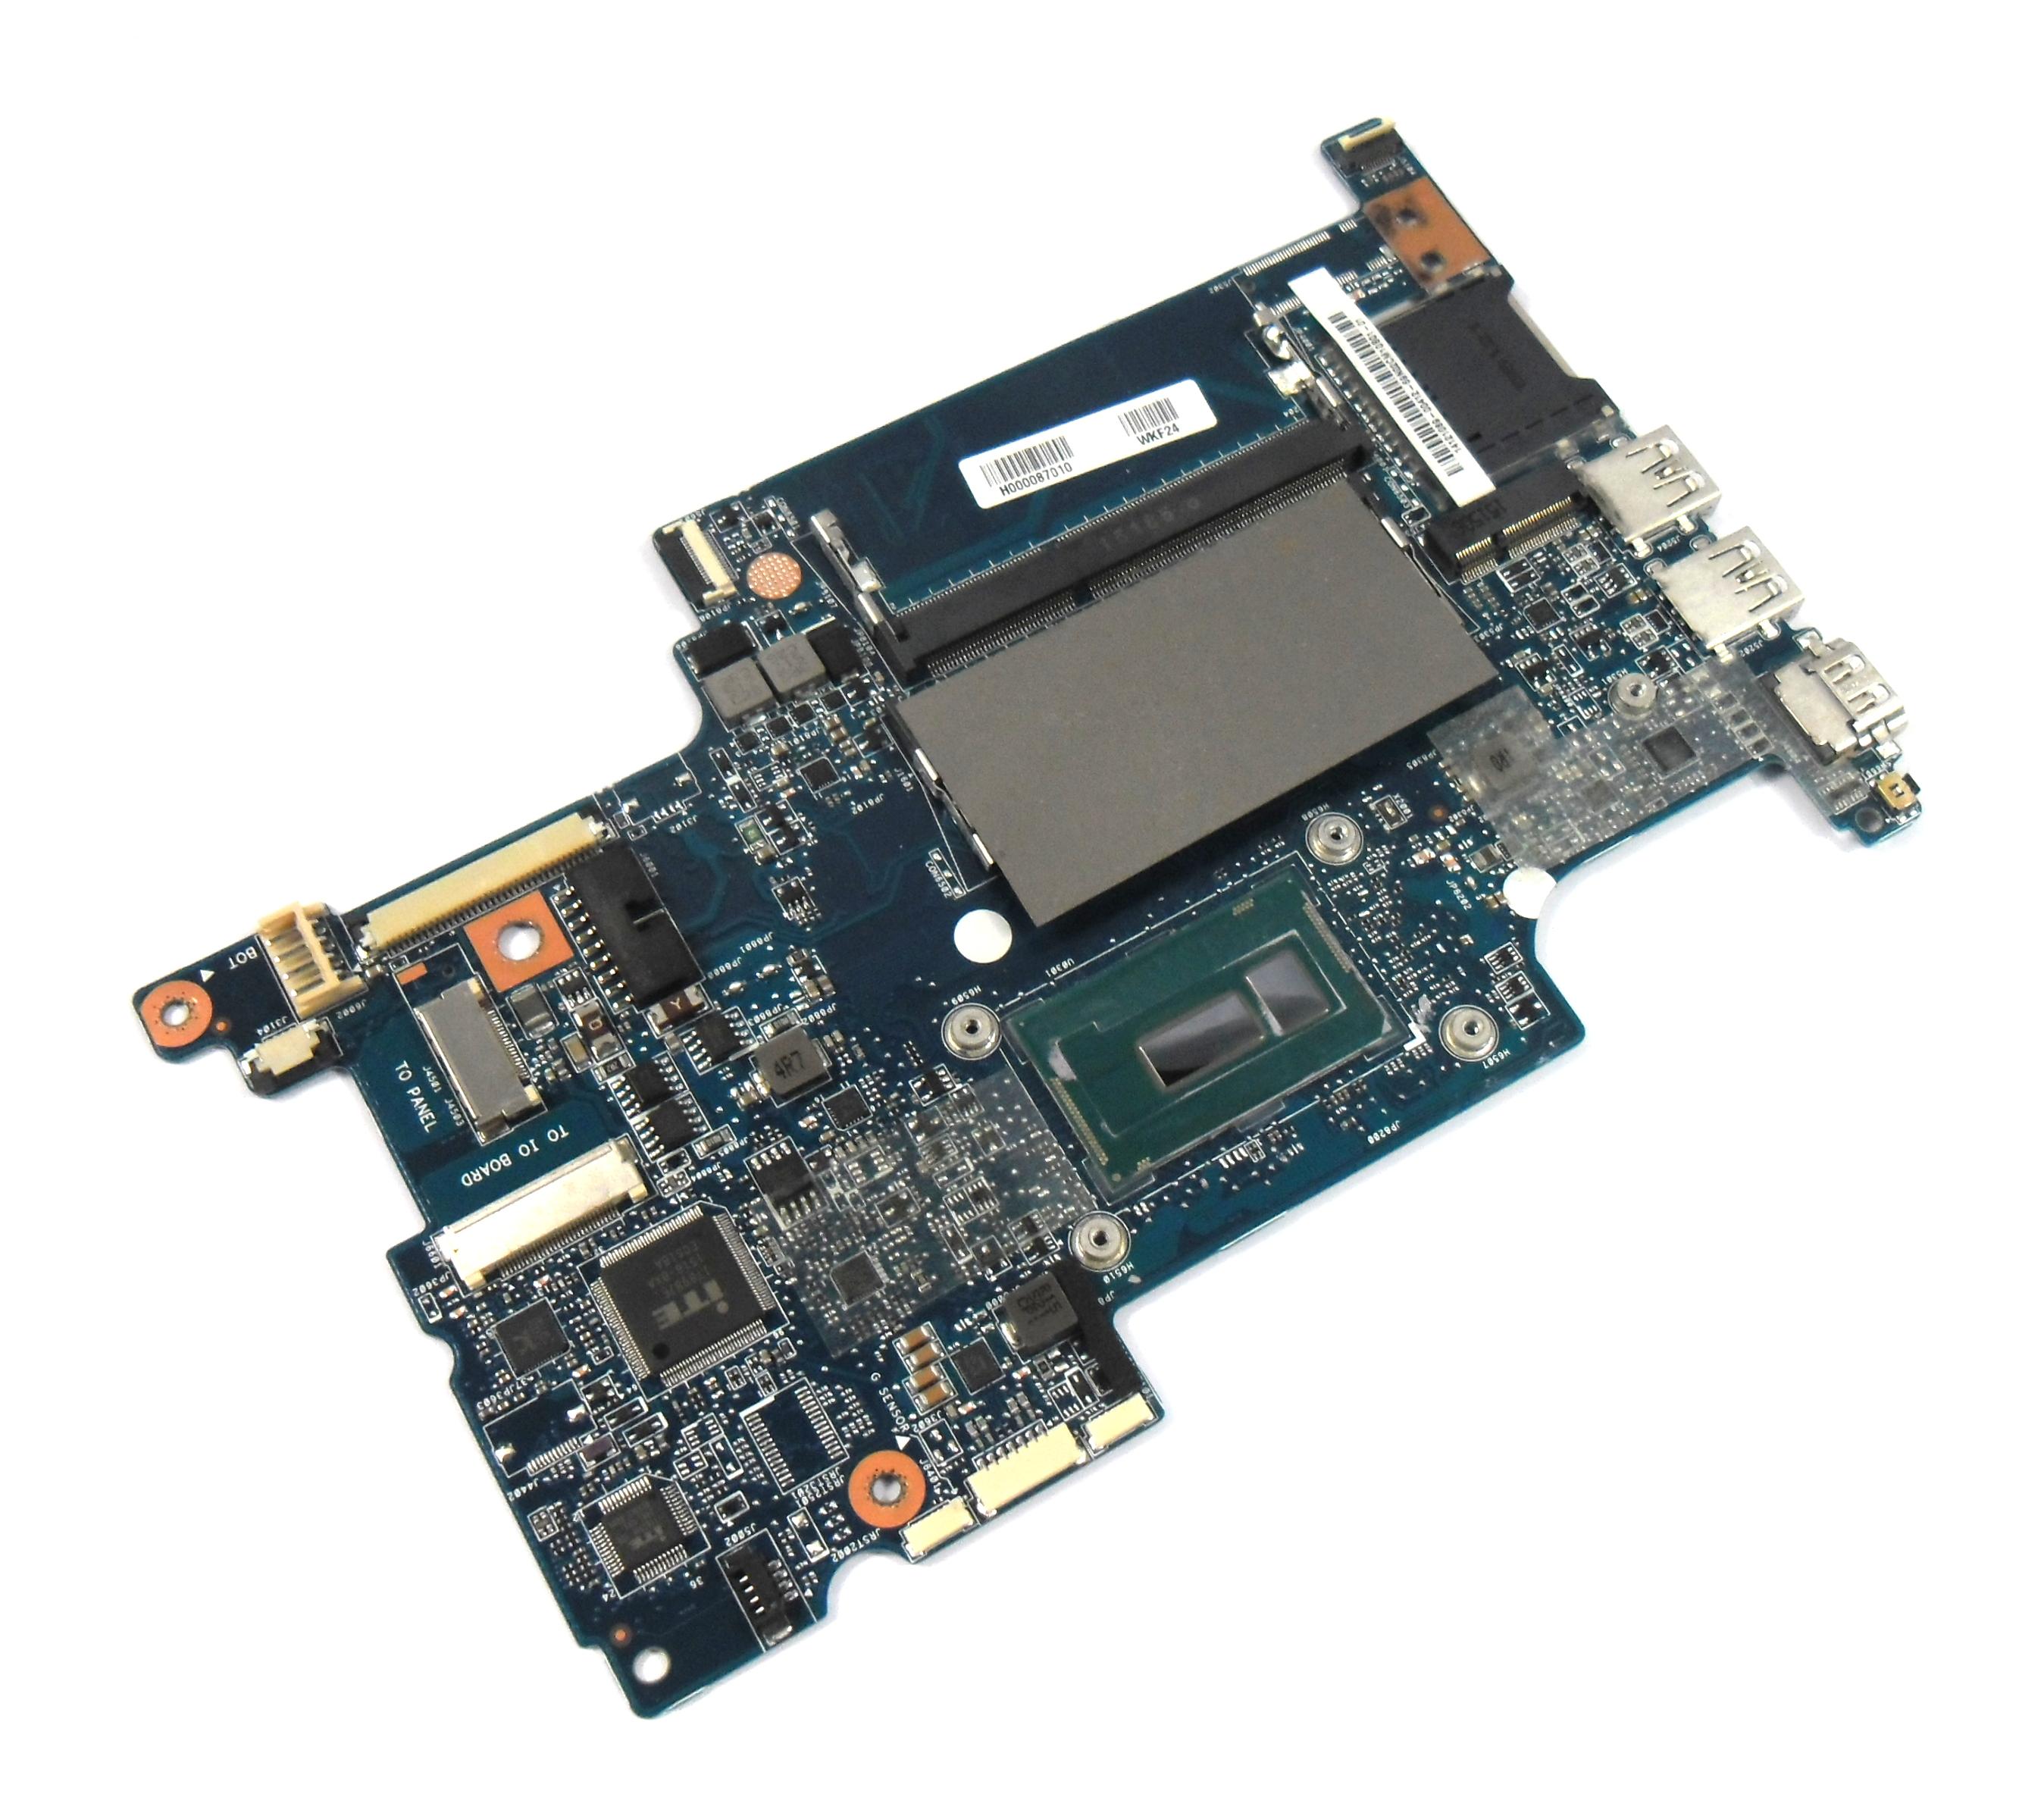 Toshiba Radius 15 P50W-C H000087010 Motherboard w/ Intel i5-5200U CPU